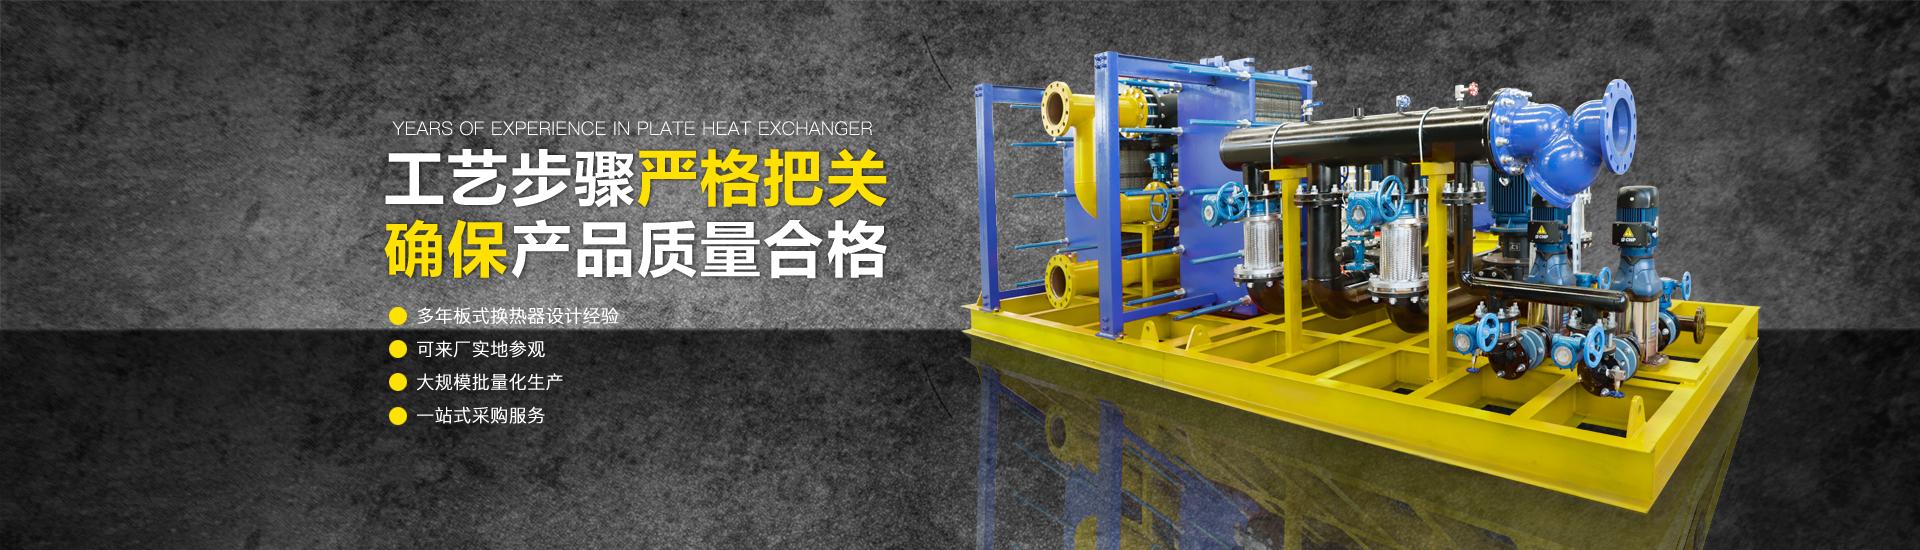 康景辉板式换热器品质保障